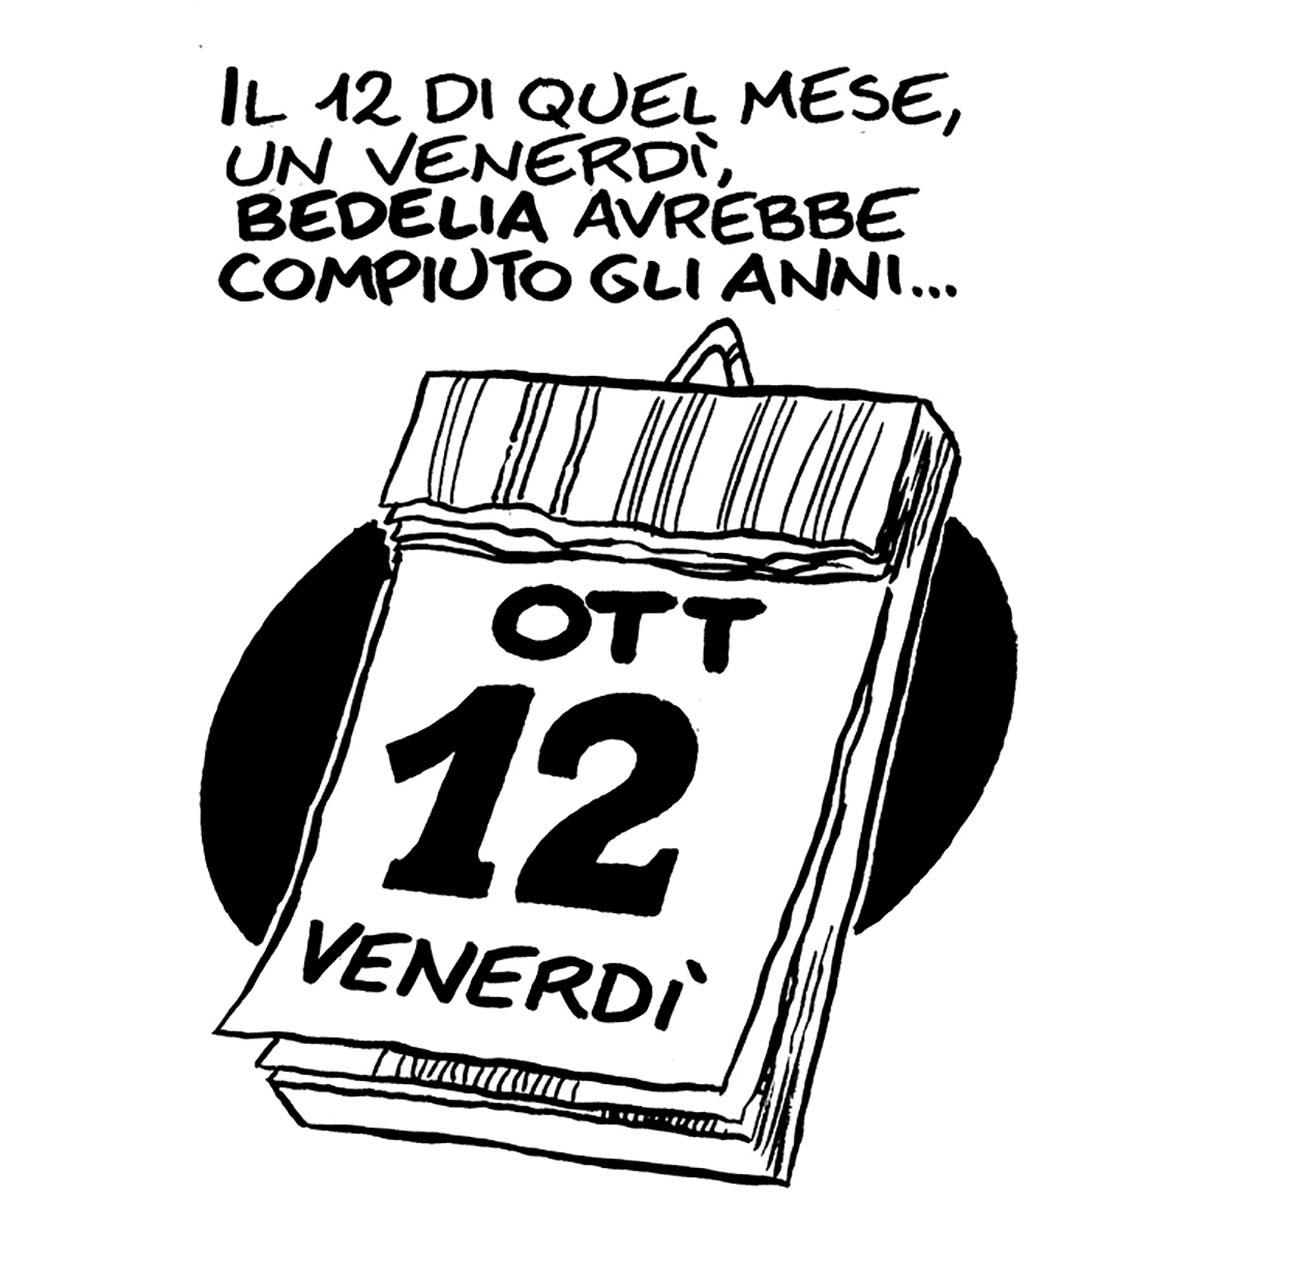 venerdi 12 opera ortolani storia